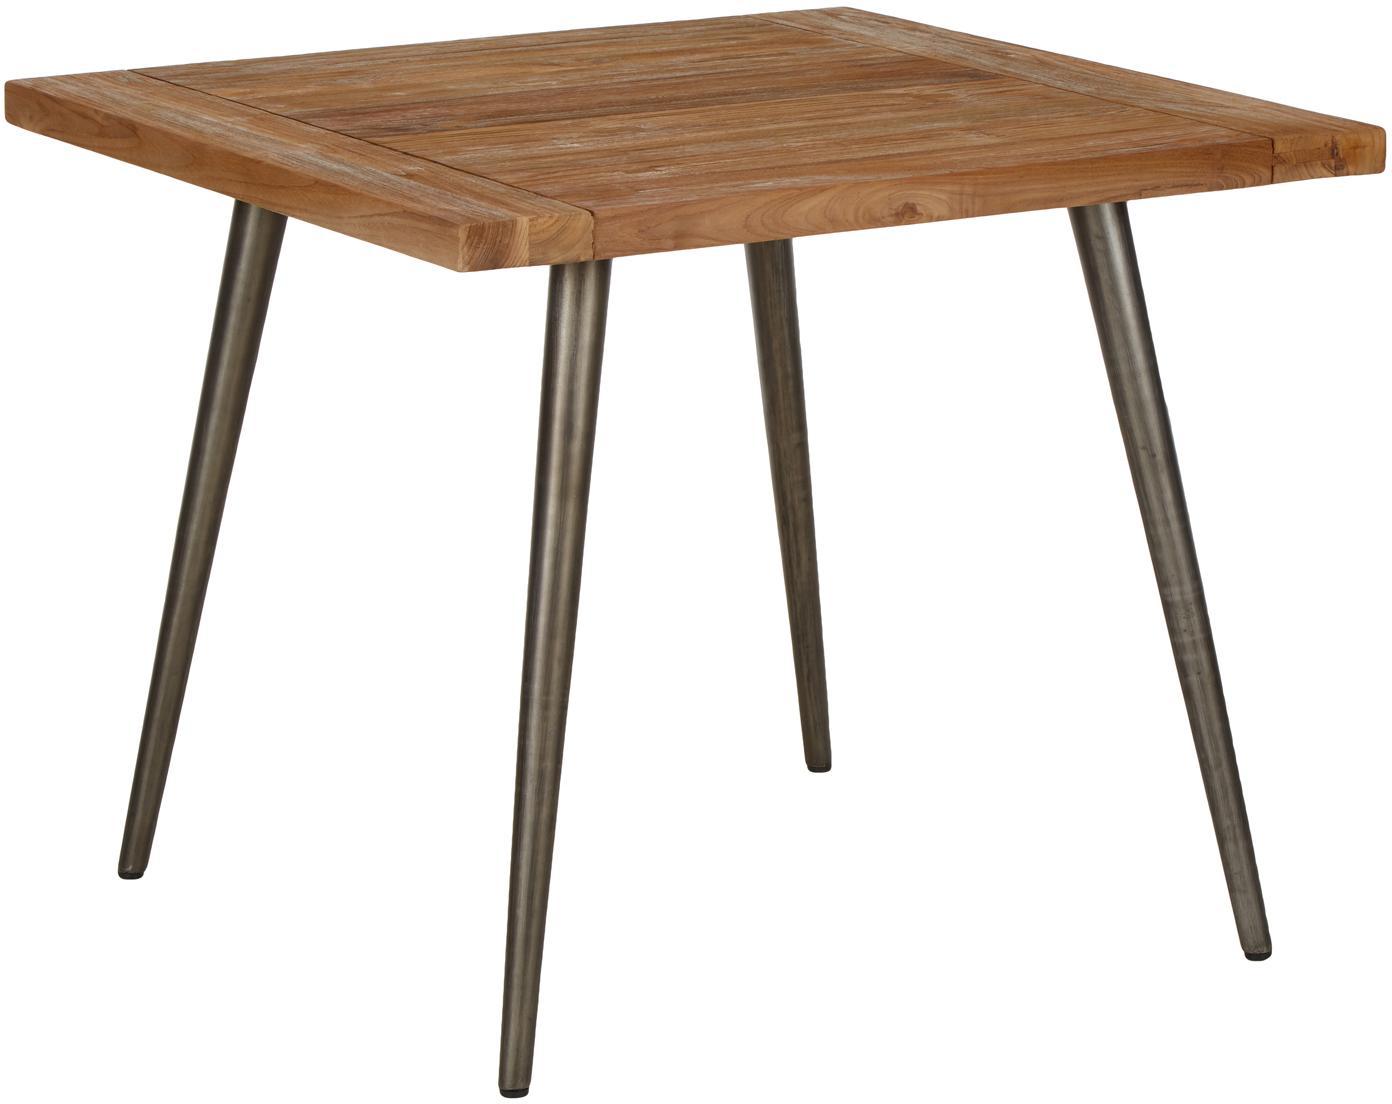 Eettafel Kapal met massief houten tafelblad, Tafelblad: 4 cm sterk, gerecycled ma, Poten: staal met metalen gebruik, Teakhoutkleurig, zwart, B 90 x D 90 cm